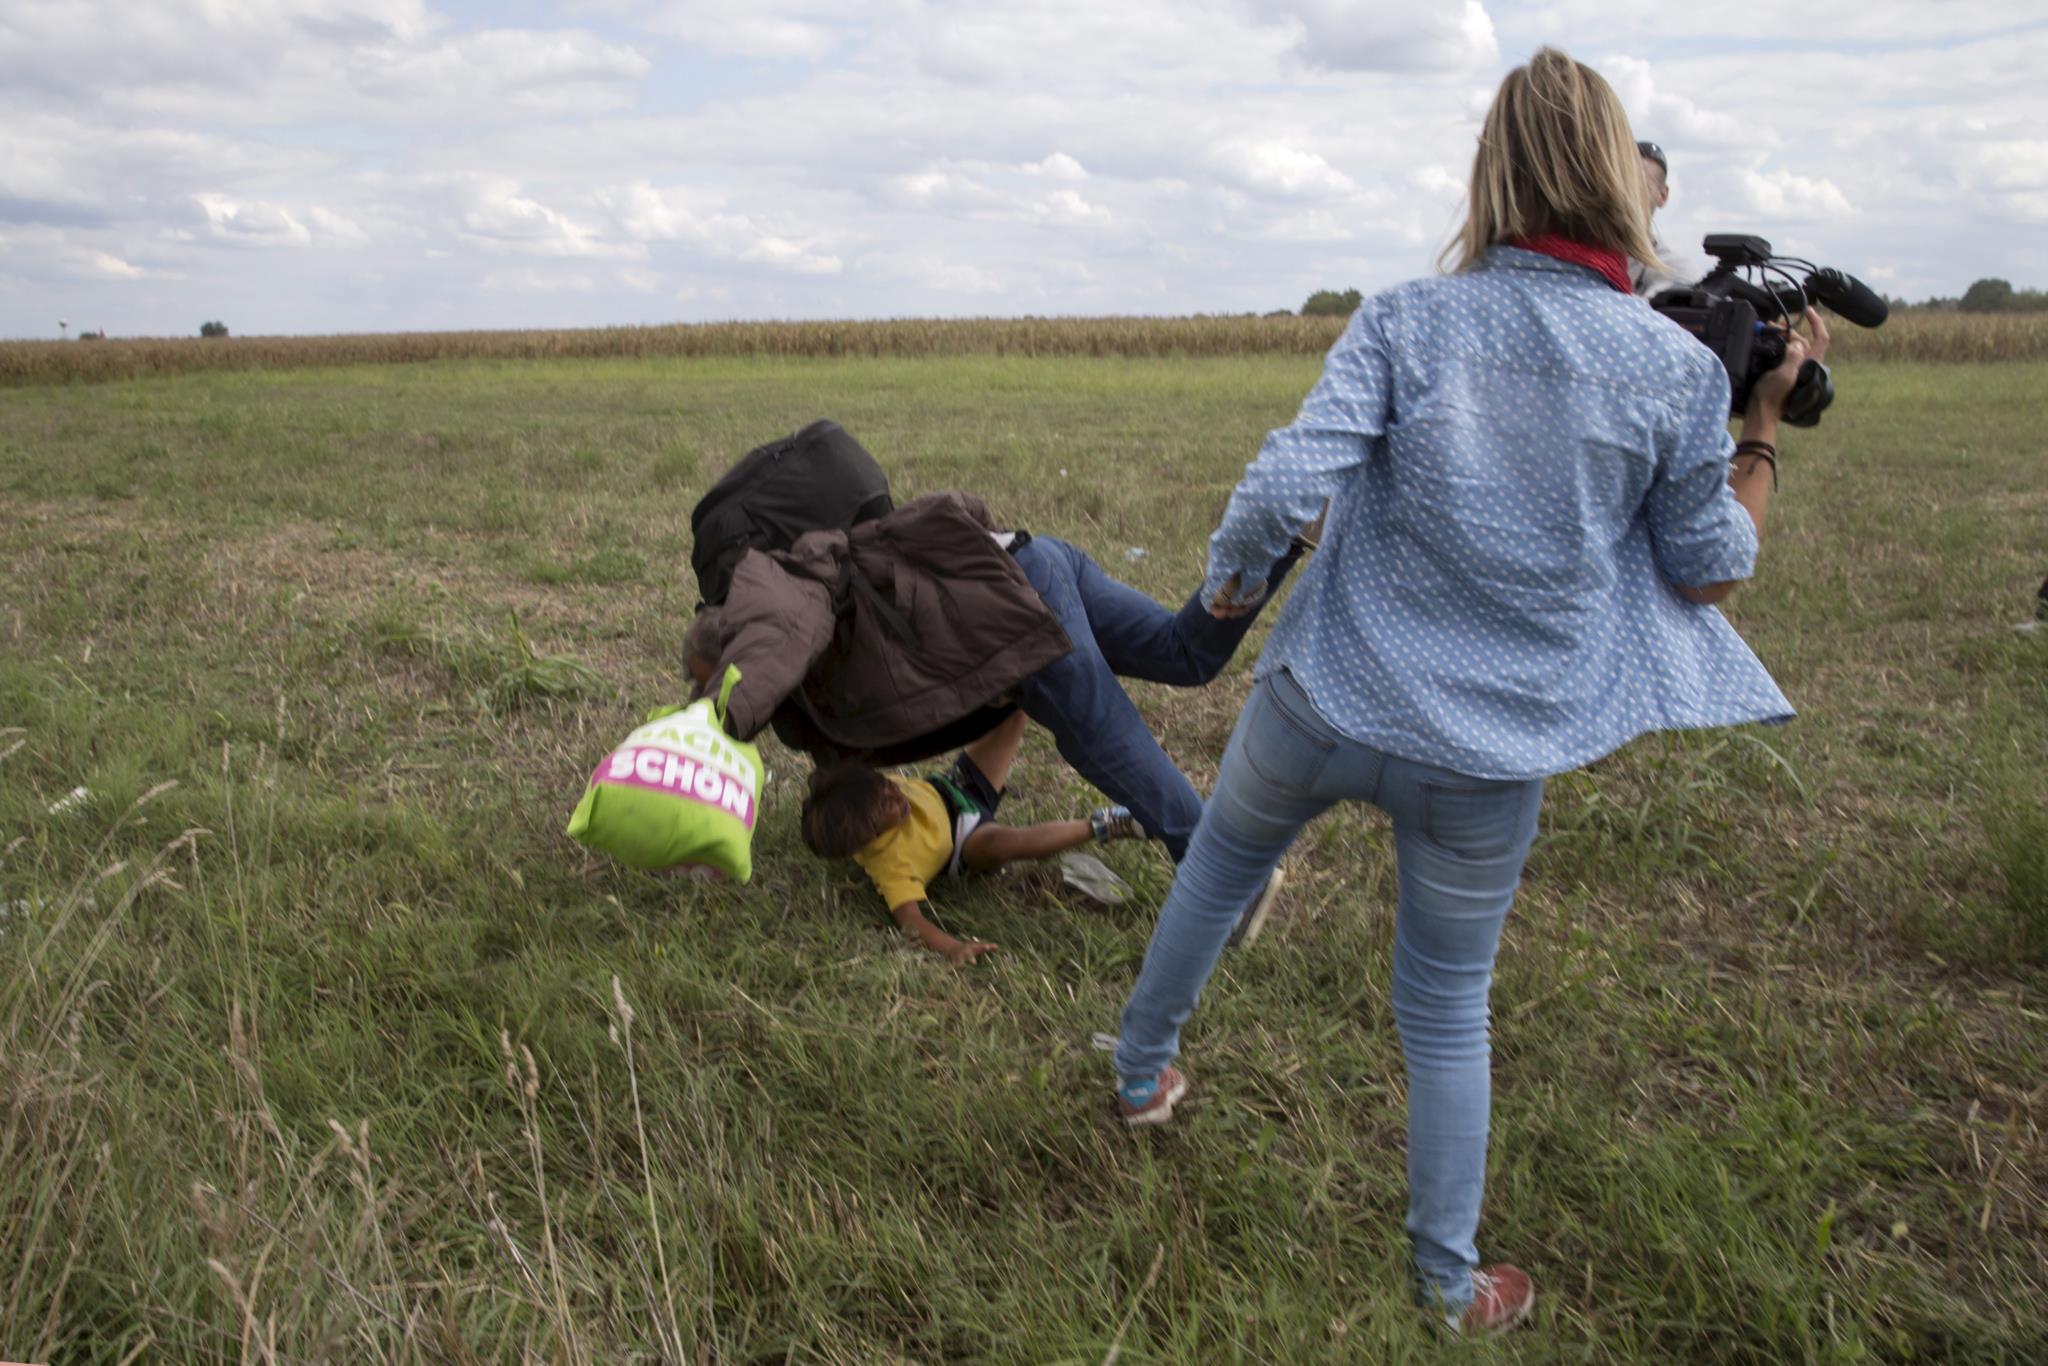 As imagens de Petra László a pontapear migrantes tornou-se viral